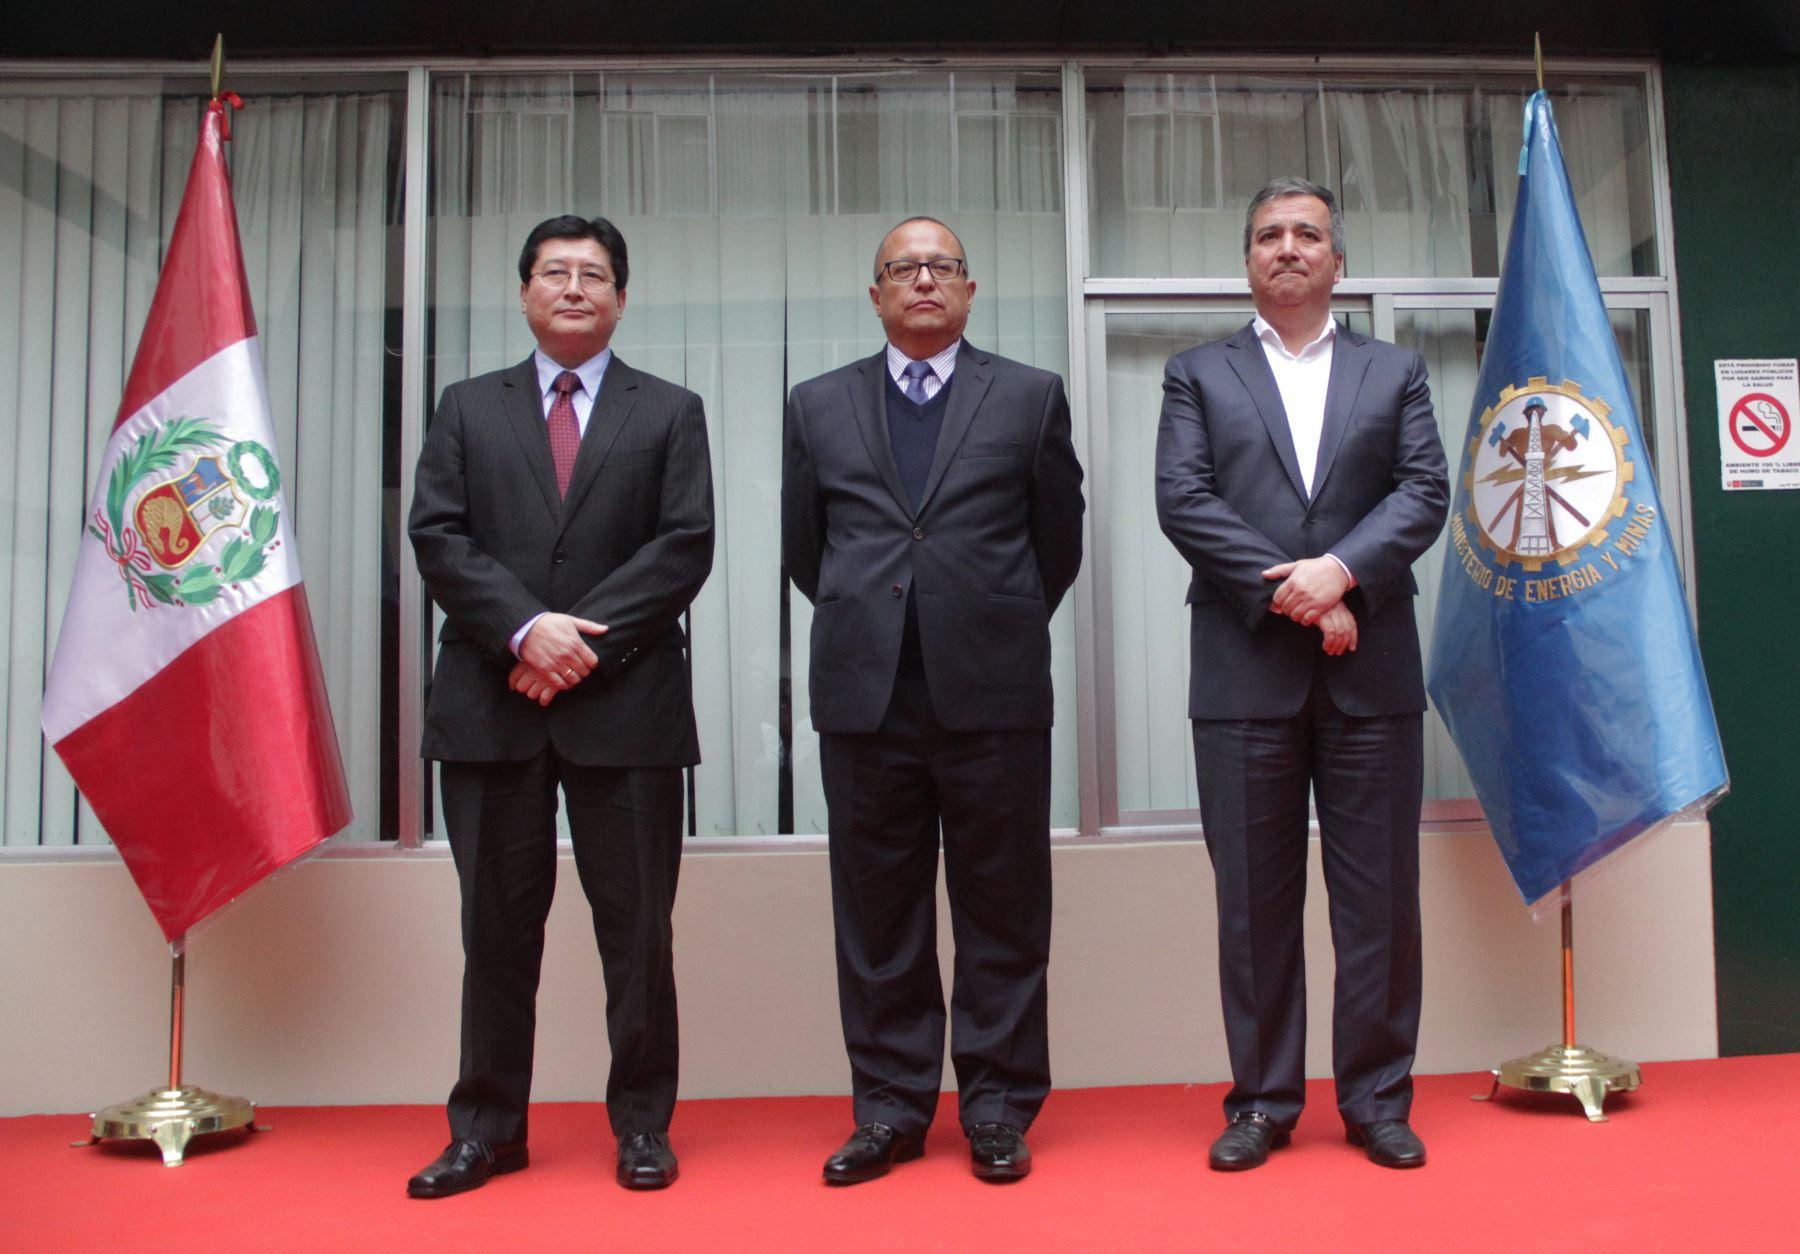 Economista Gonzalo Tamayo Flores asumió  formalmente sus funciones como titular del MEM. Difusión